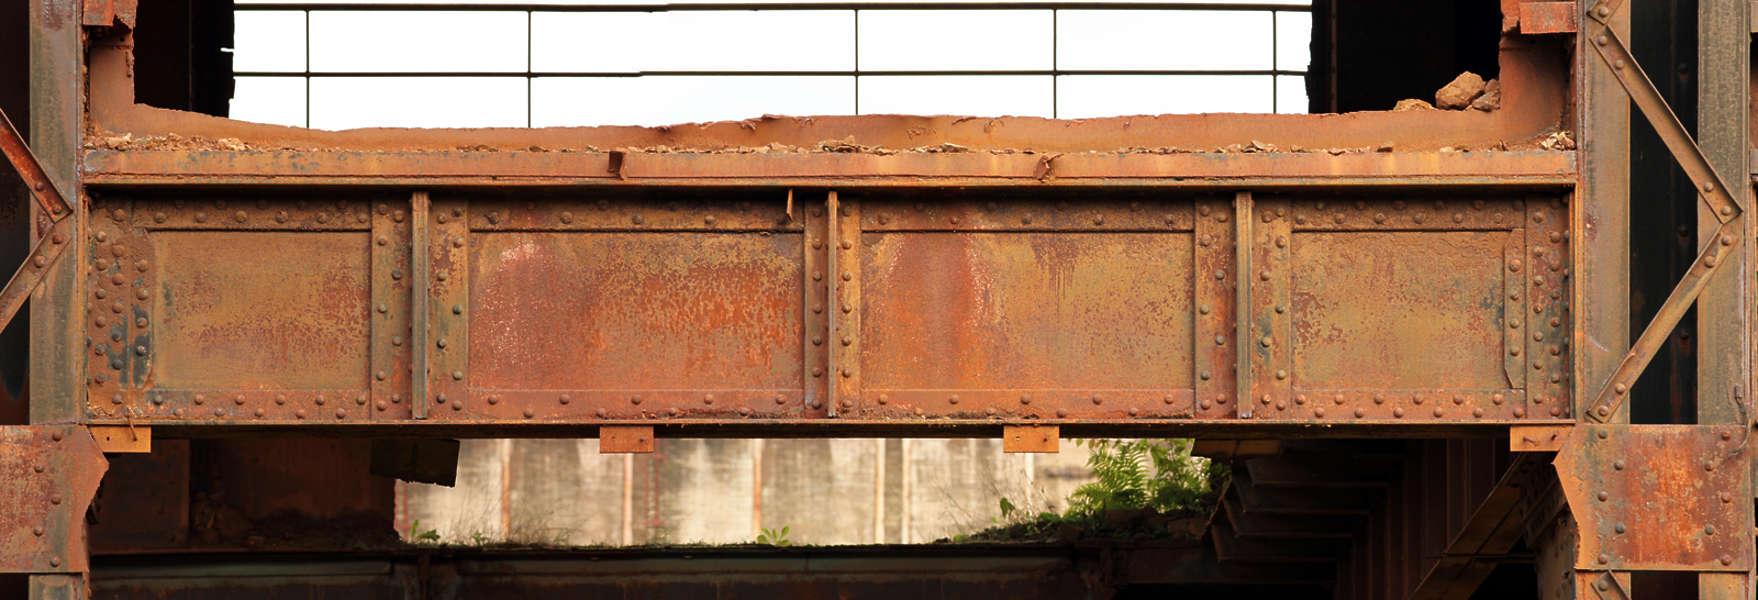 Metalbeams0021 Free Background Texture Metal Beam